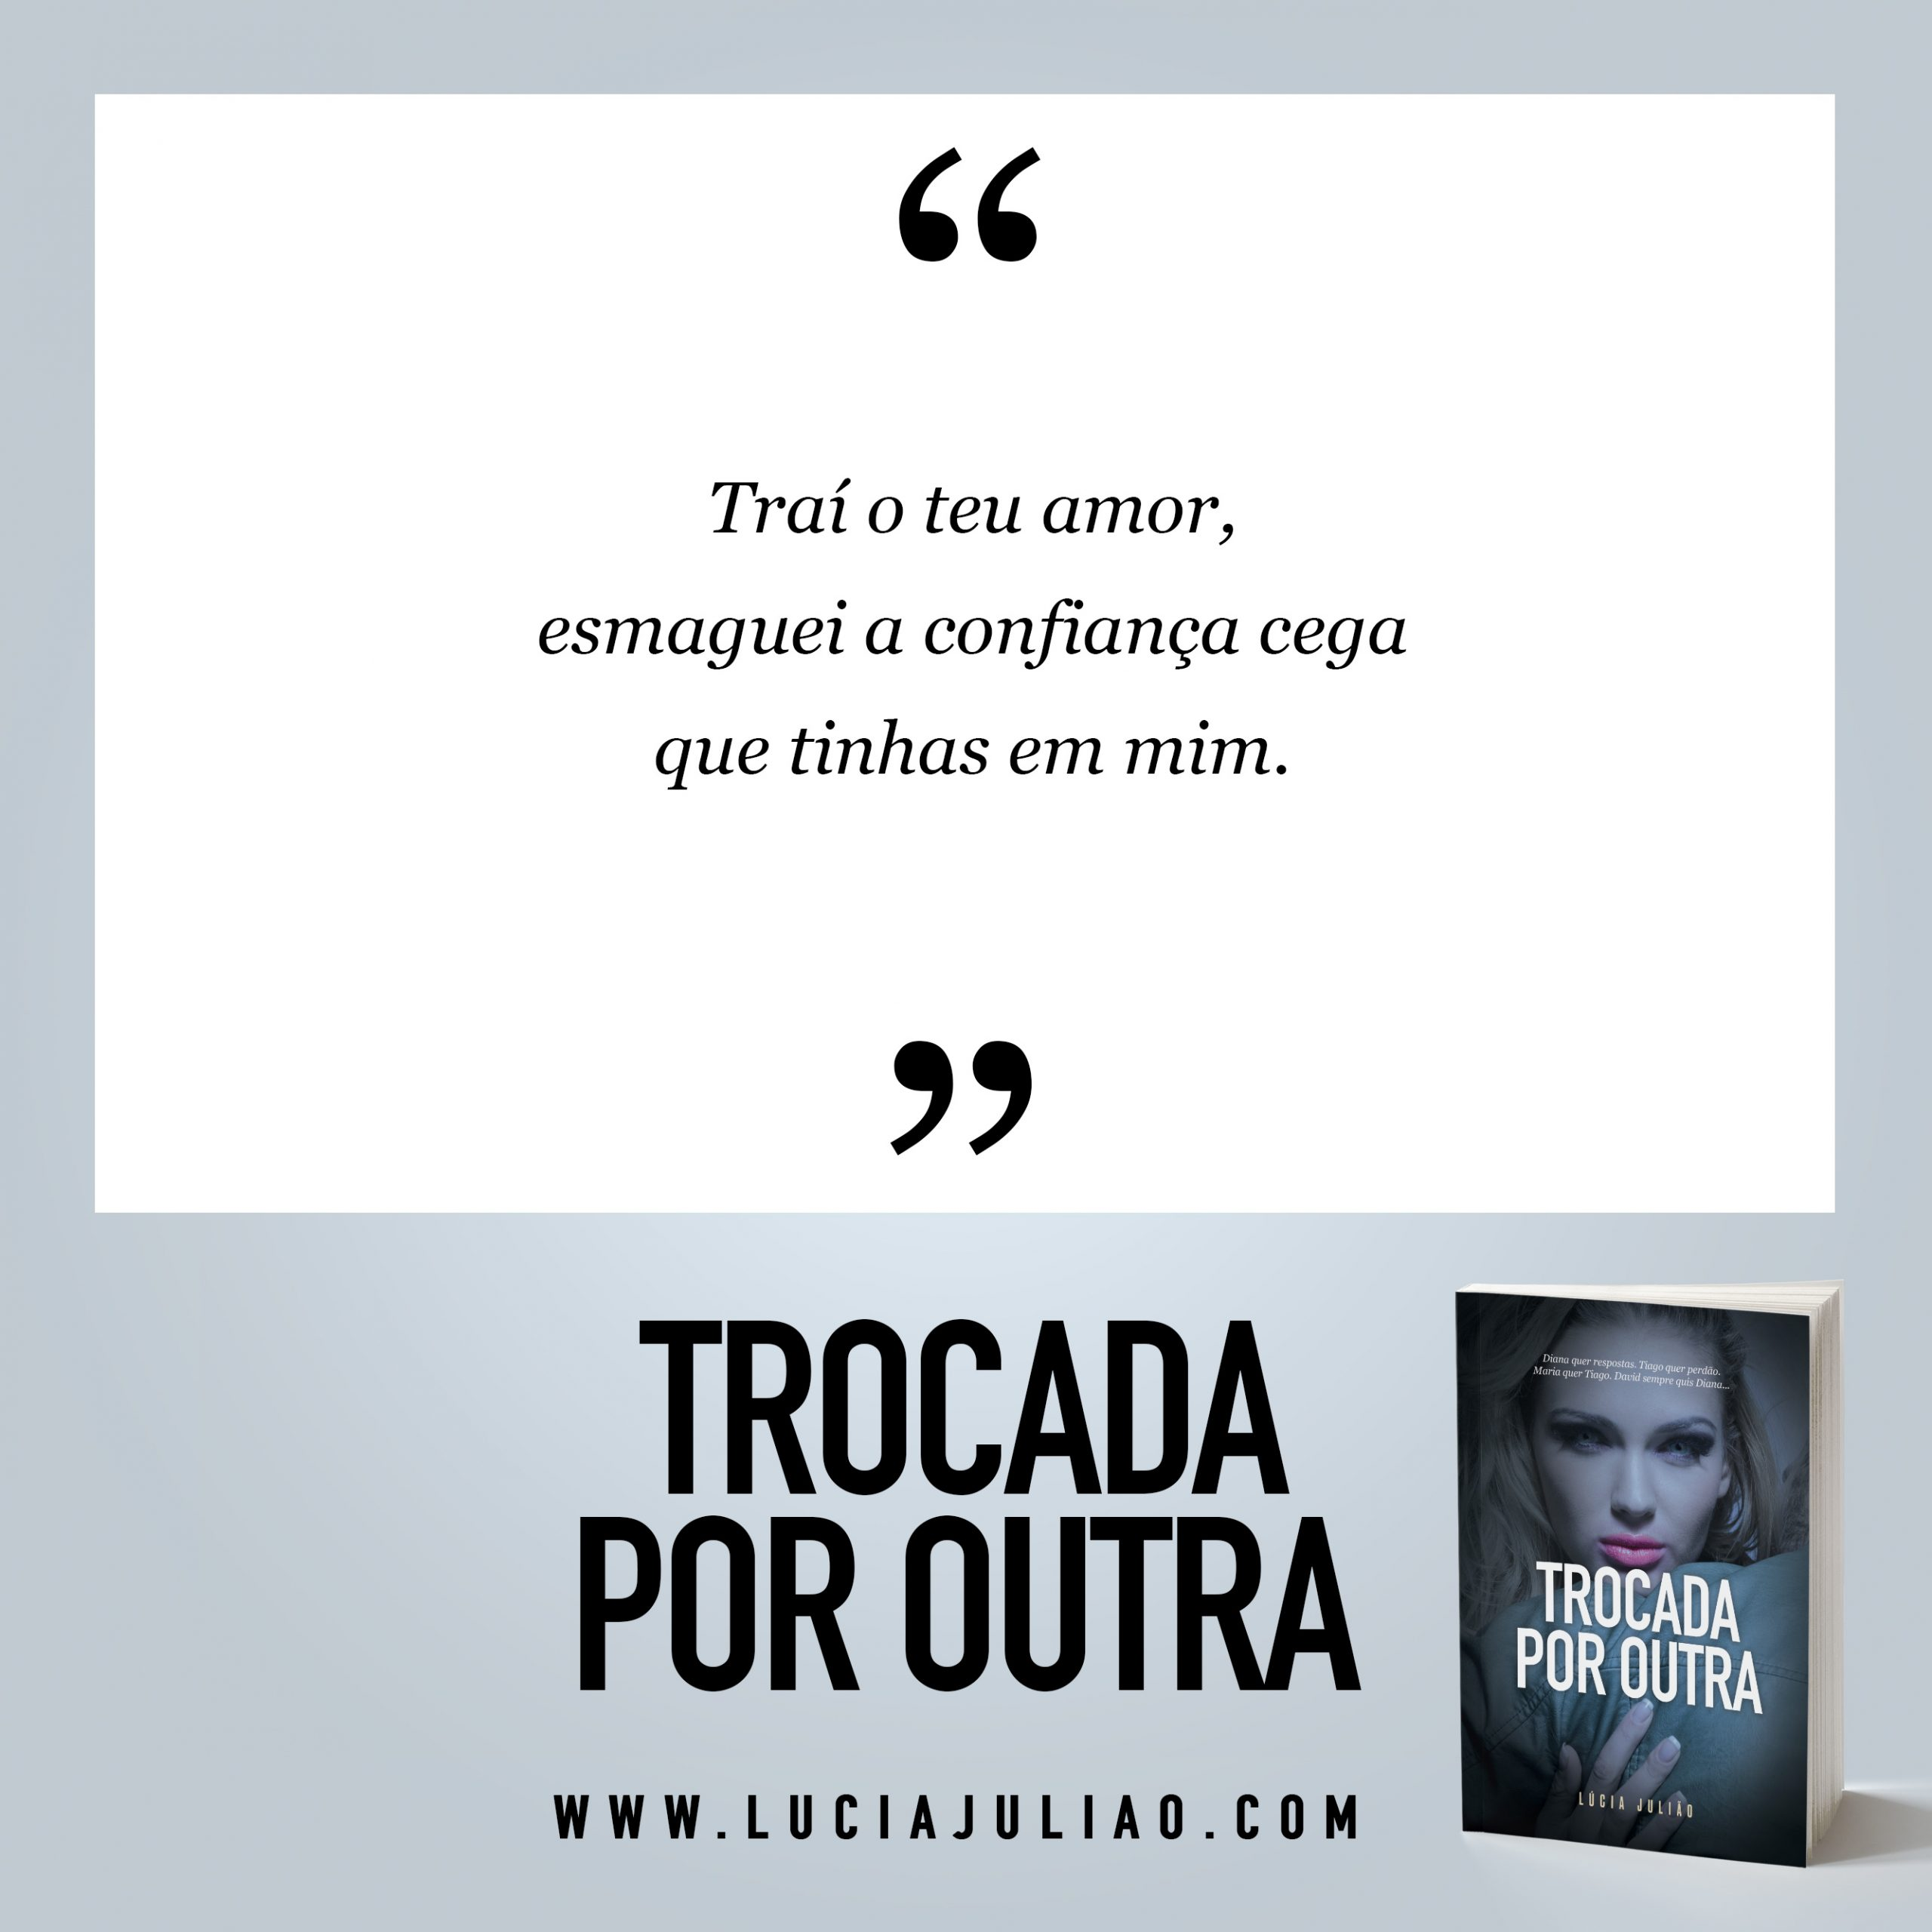 020Q - capítulo 5 - Trocada por outra - Lúcia Julião